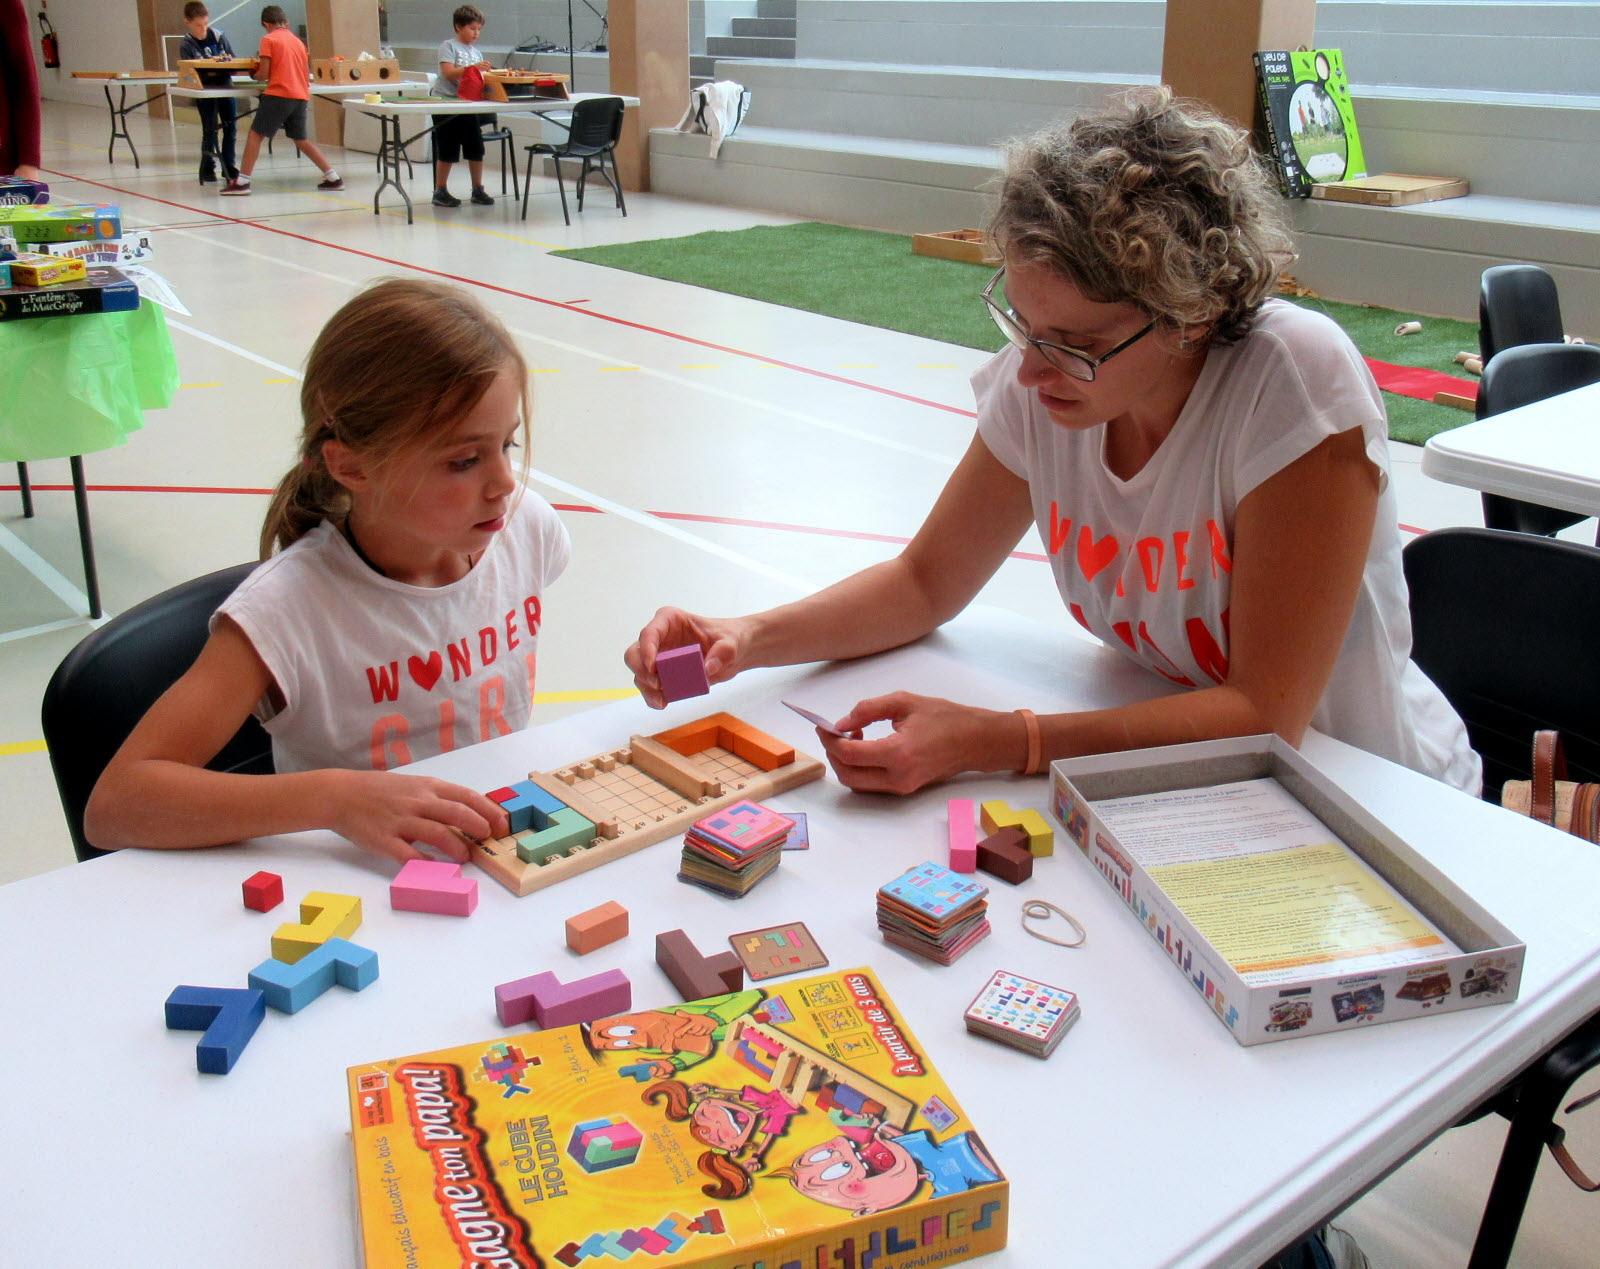 Lozanne | Lozanne : Un Festival De Jeux Gratuit Pour Petits destiné Jeux Enfant 3 Ans Gratuit